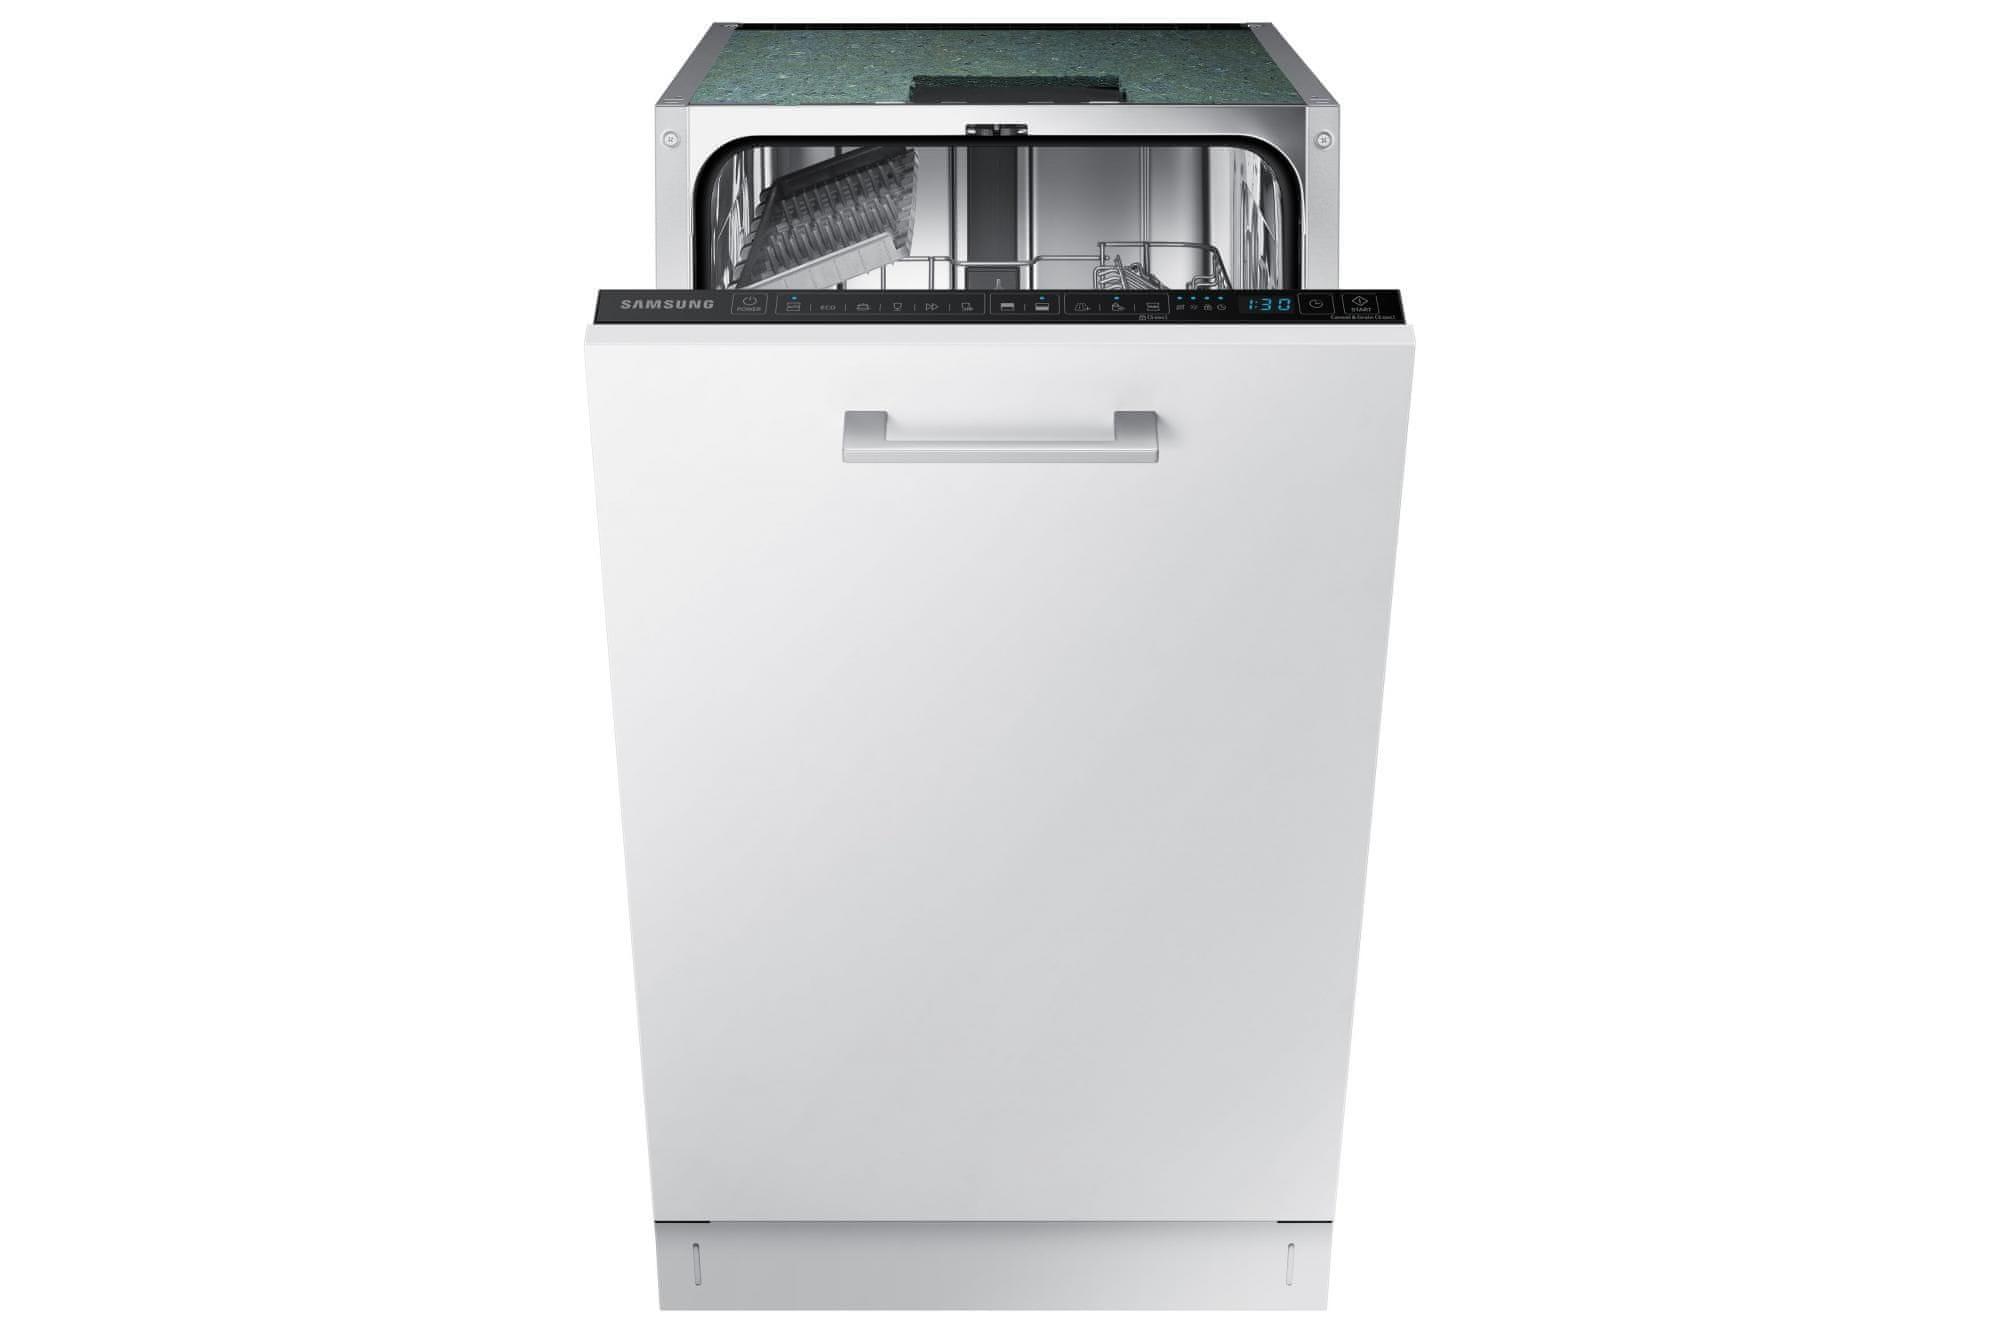 Samsung DW50R4060BB/EO Hygiene